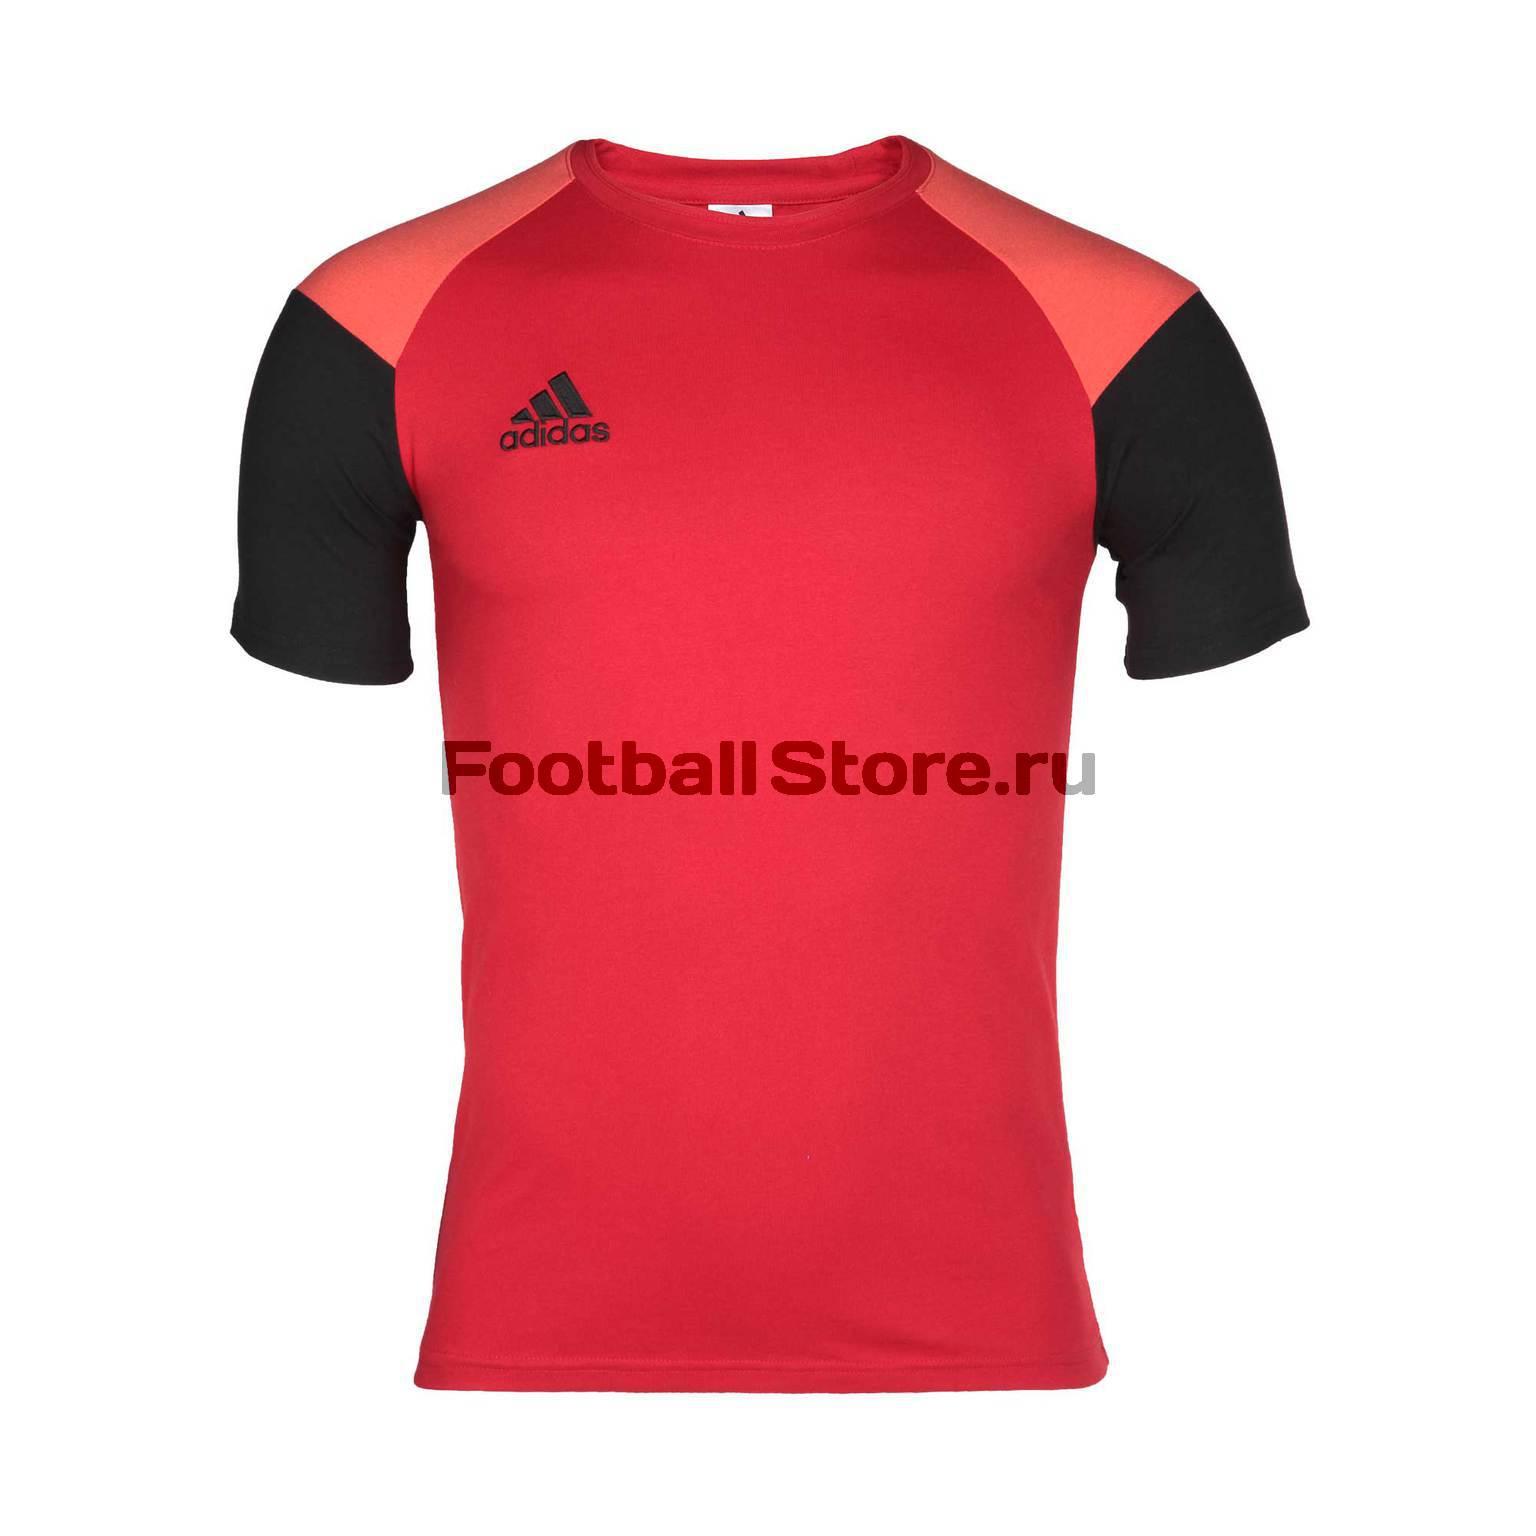 Футболка Adidas Con16 Tee AN9880